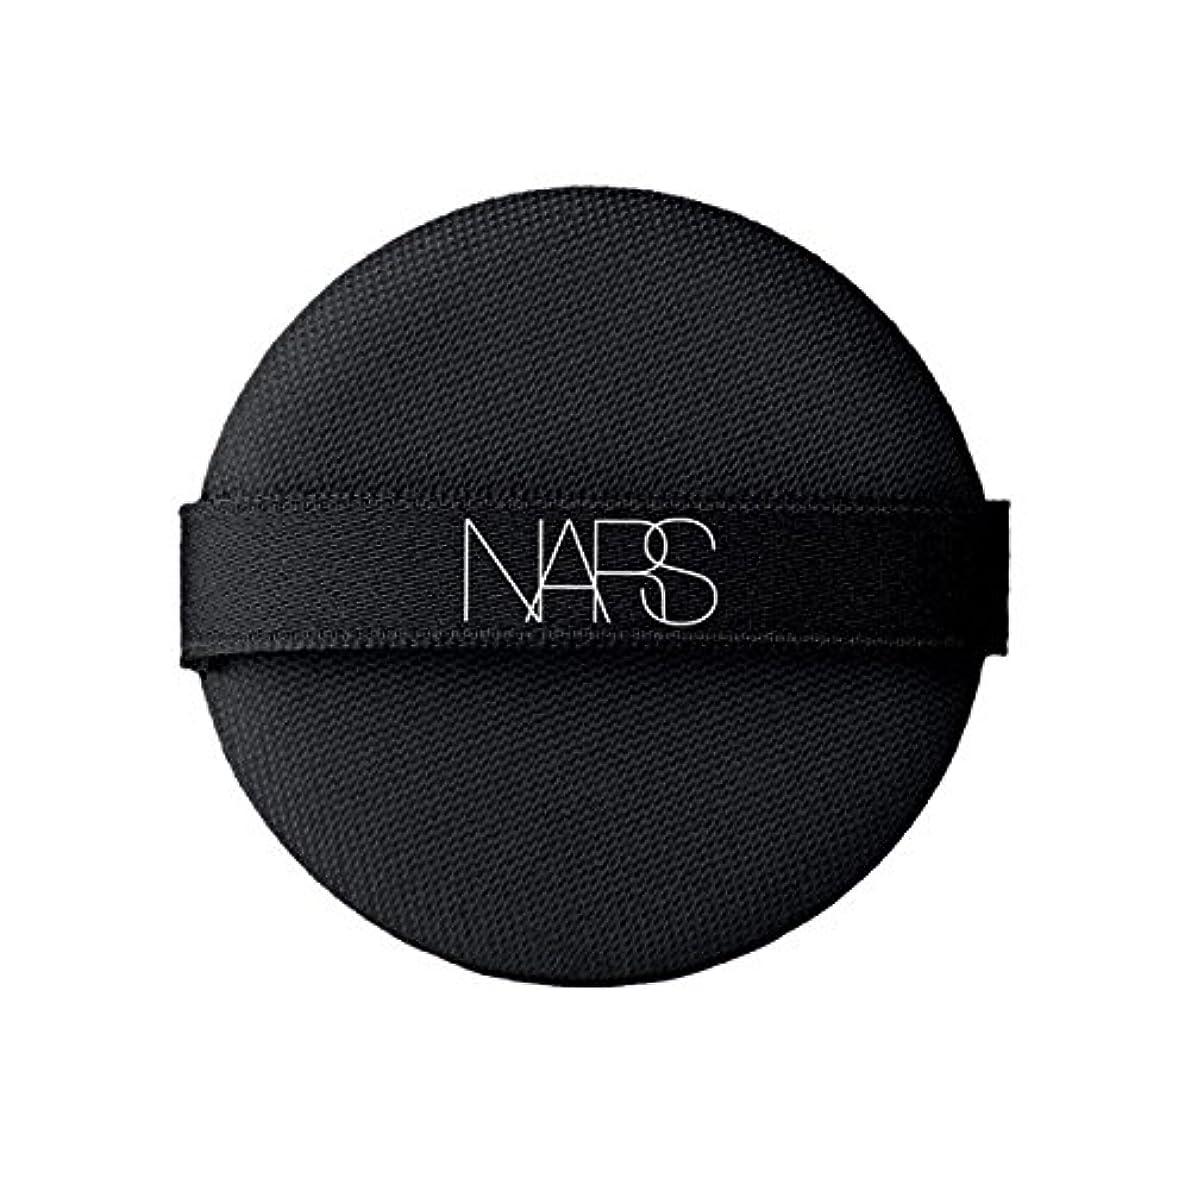 捨てる回る同意NARS(ナーズ) アクアティックグロー クッションコンパクト スポンジ